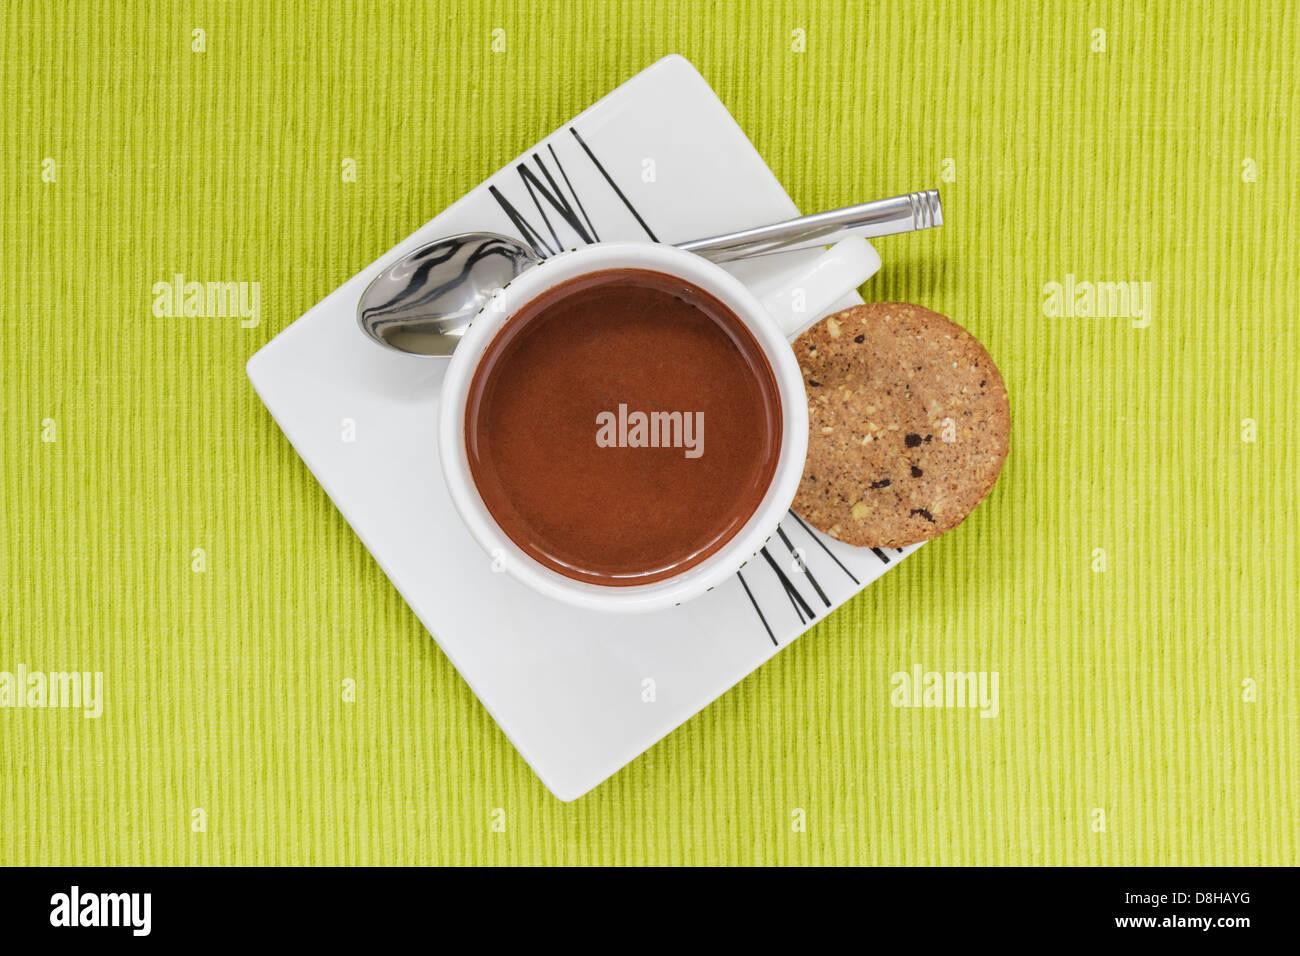 Heiße Schokolade trinken in weiße Tasse, Untertasse und Keks von oben Stockbild